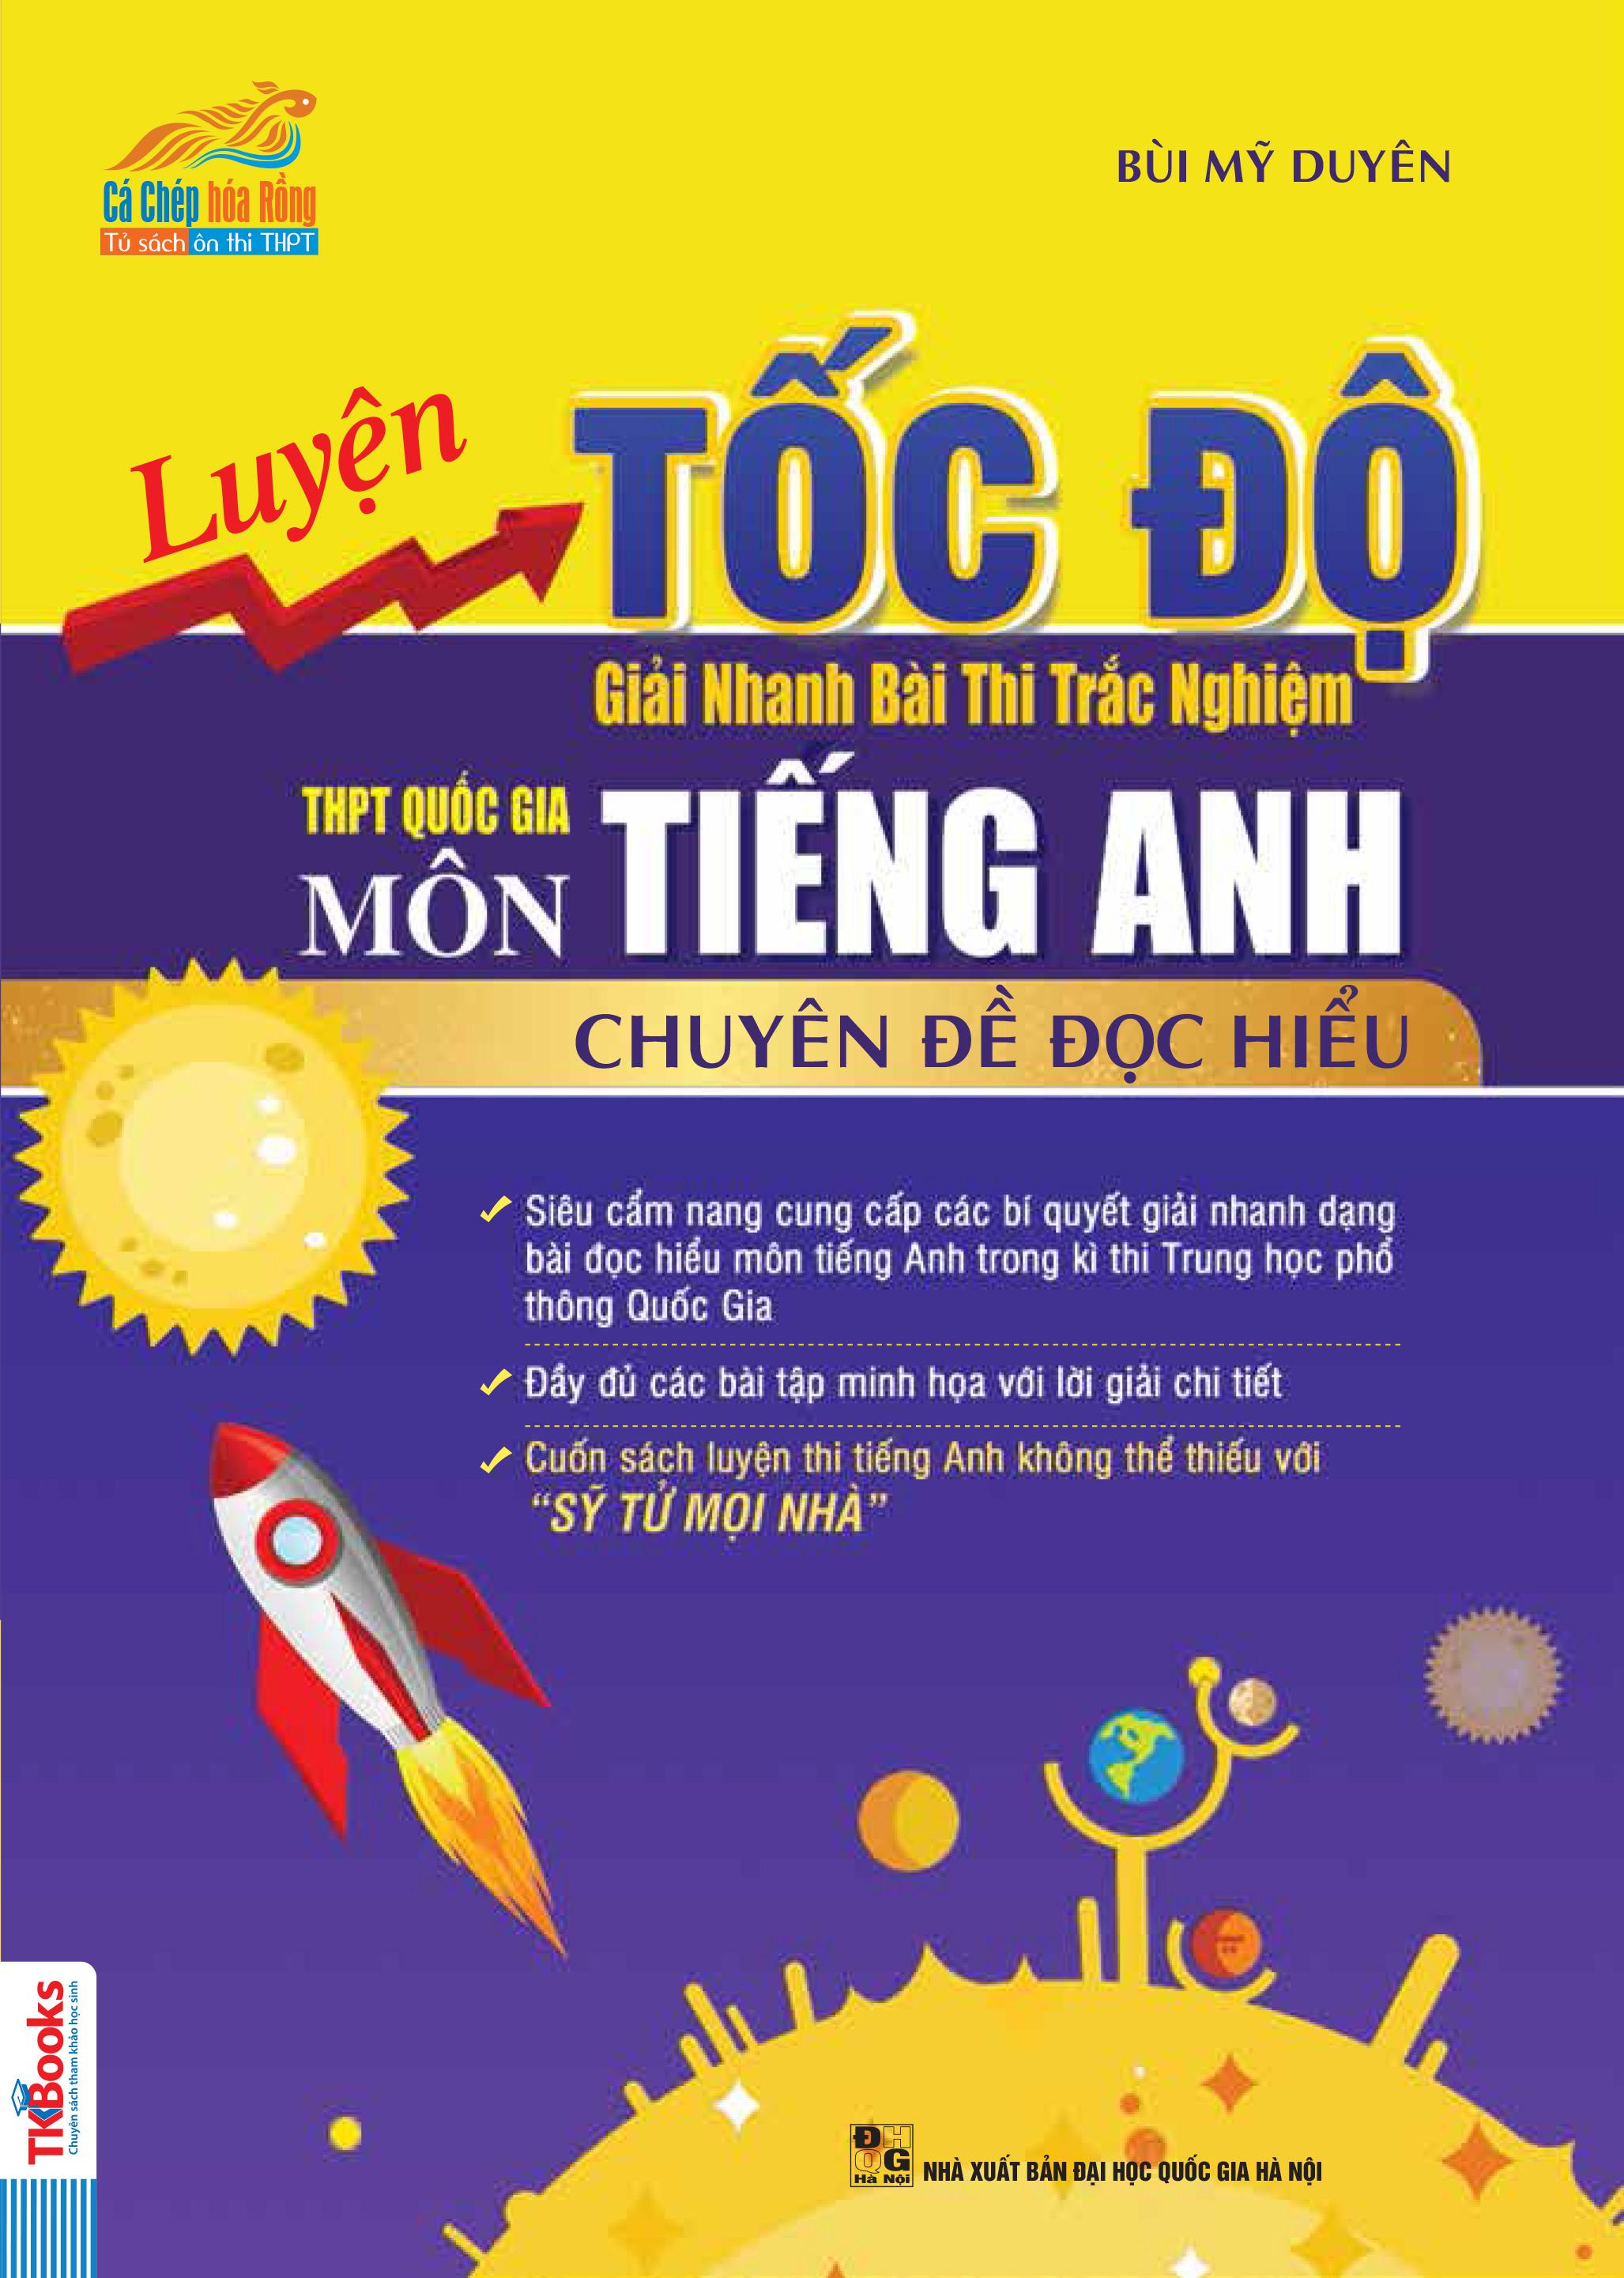 Luyện Tốc Độ Giải Nhanh Bài Thi Trắc Nghiệm THPT Môn Tiếng Anh - Chuyên Đề Đọc Hiểu - EBOOK/PDF/PRC/EPUB